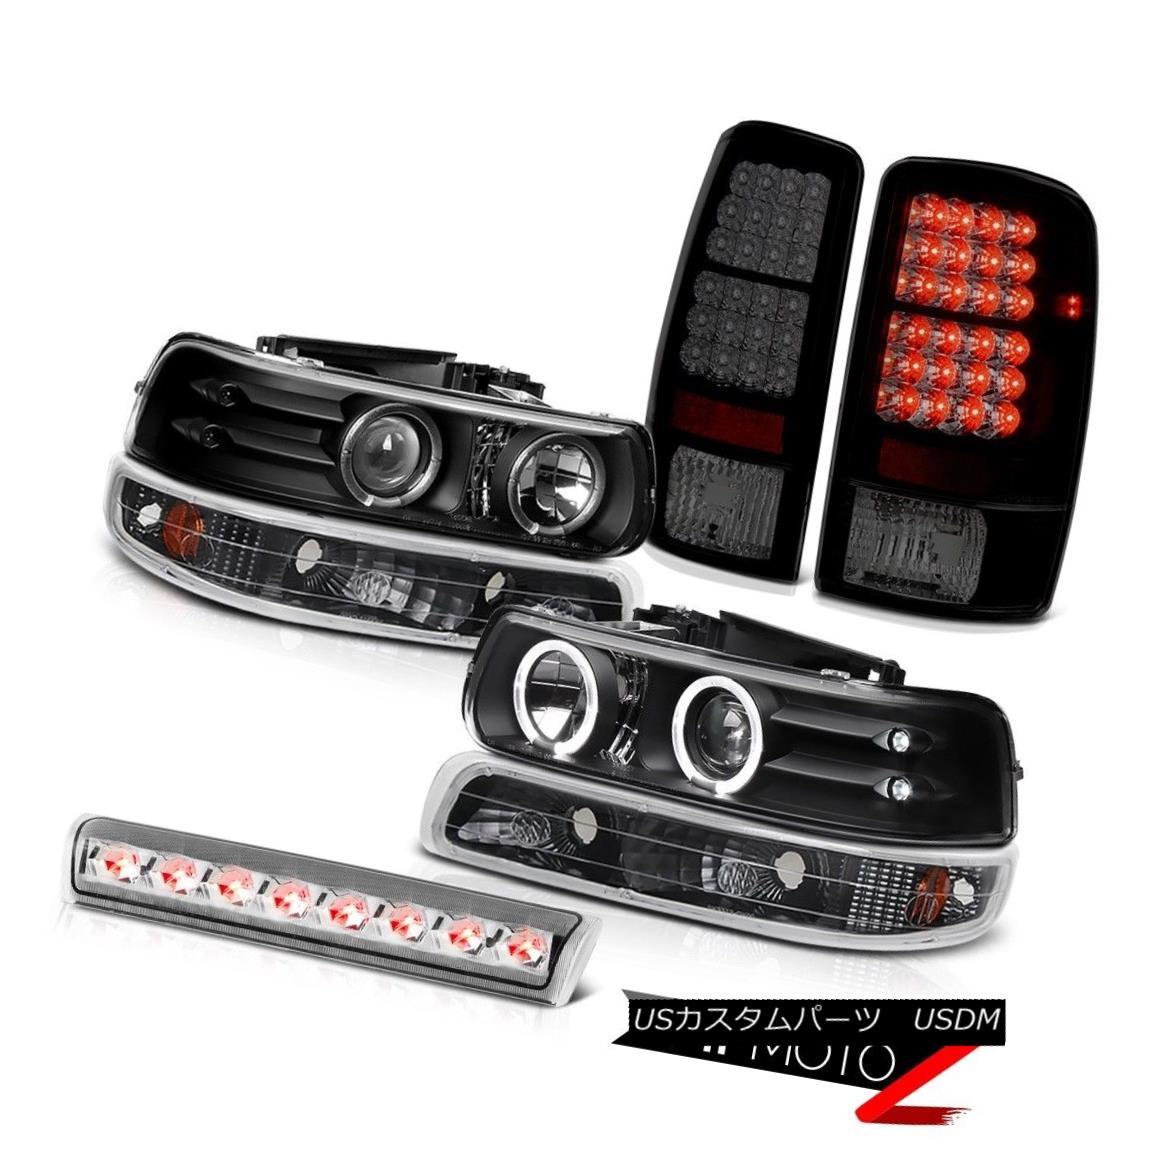 テールライト 2X Angel Eye Headlights Signal Smoke LED Tail Lights 3rd Brake 00-06 Suburban 2Xエンジェルアイヘッドライト信号スモークLEDテールライト3rdブレーキ00-06郊外